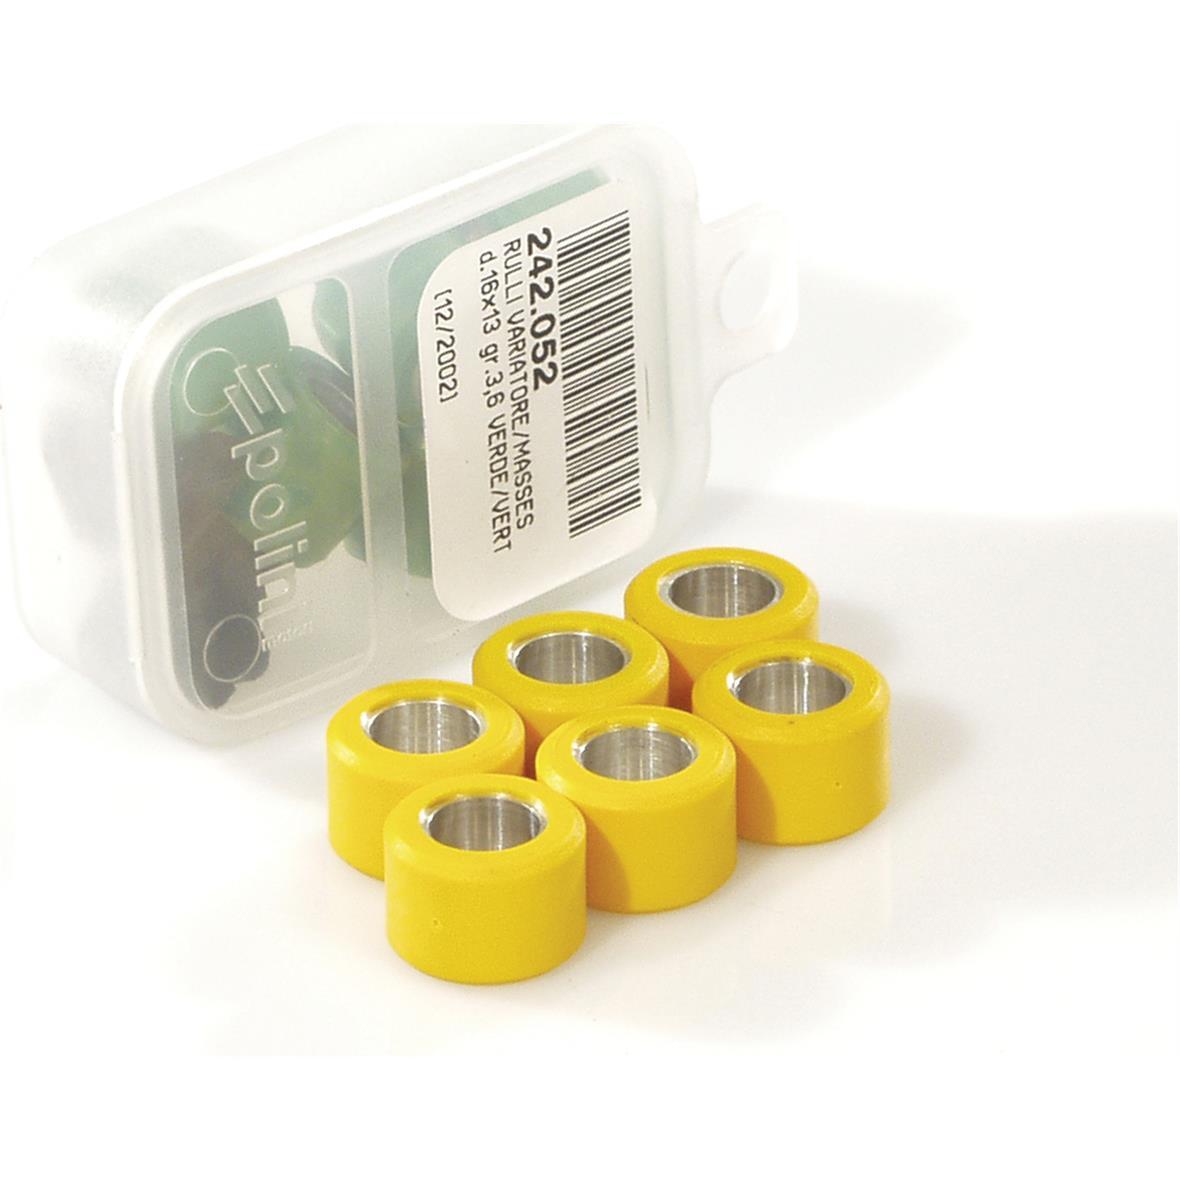 Εικόνα προϊόντος για 'Ράουλα Βαριατόρ POLINI 20x17 mm 14,6 γραμμάριοTitle'